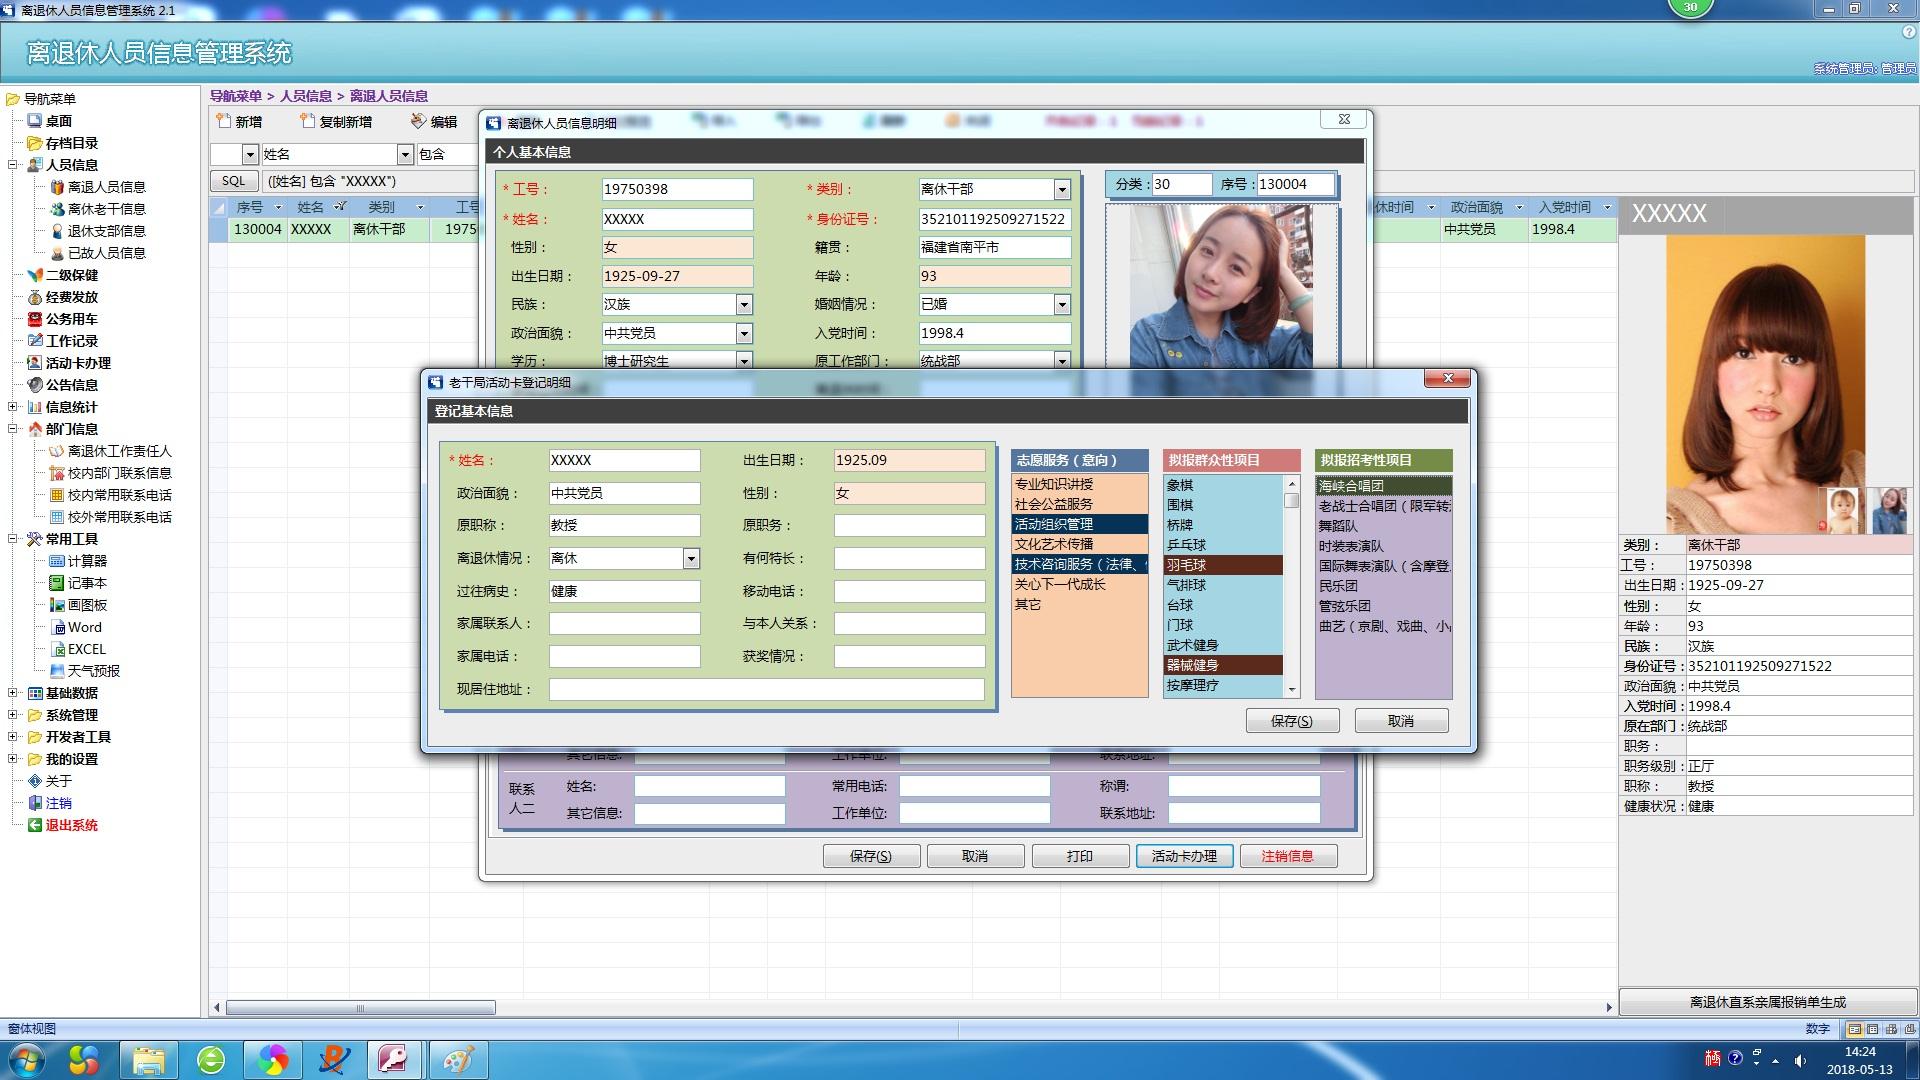 《离退休信息管理系统》自学Access快速开发平台为本部门开发的管理软件